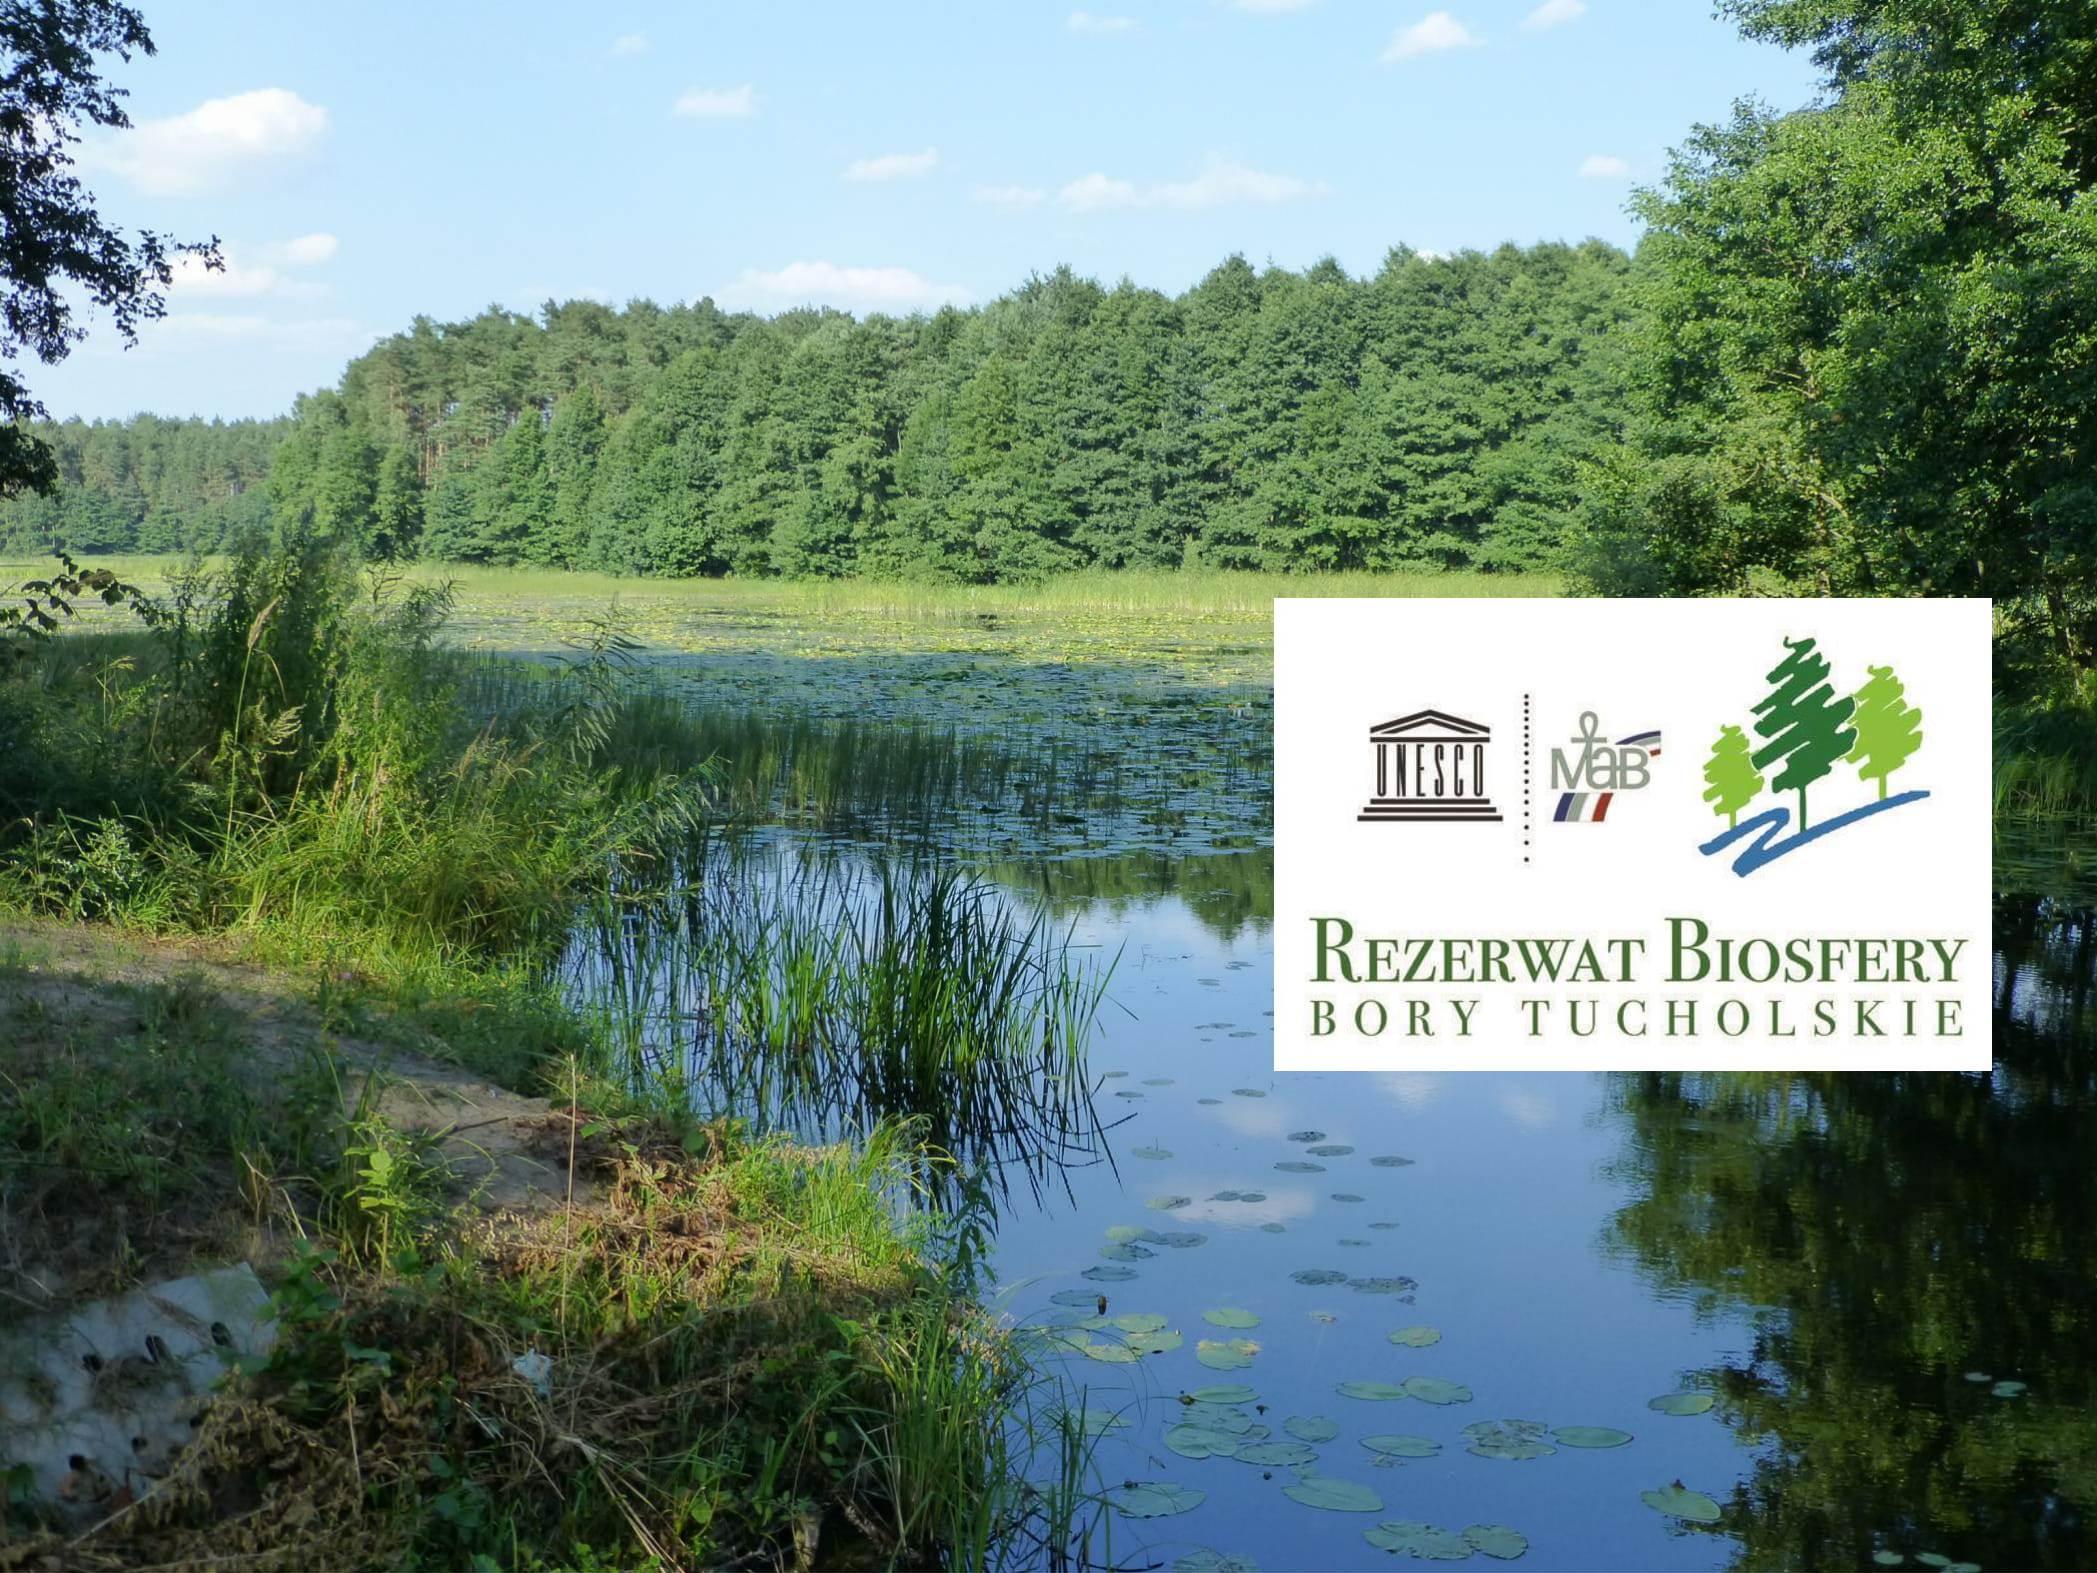 10 lat temu powołano Rezerwat Biosfery Bory Tucholskie. To unikatowy obszar w skali Europy